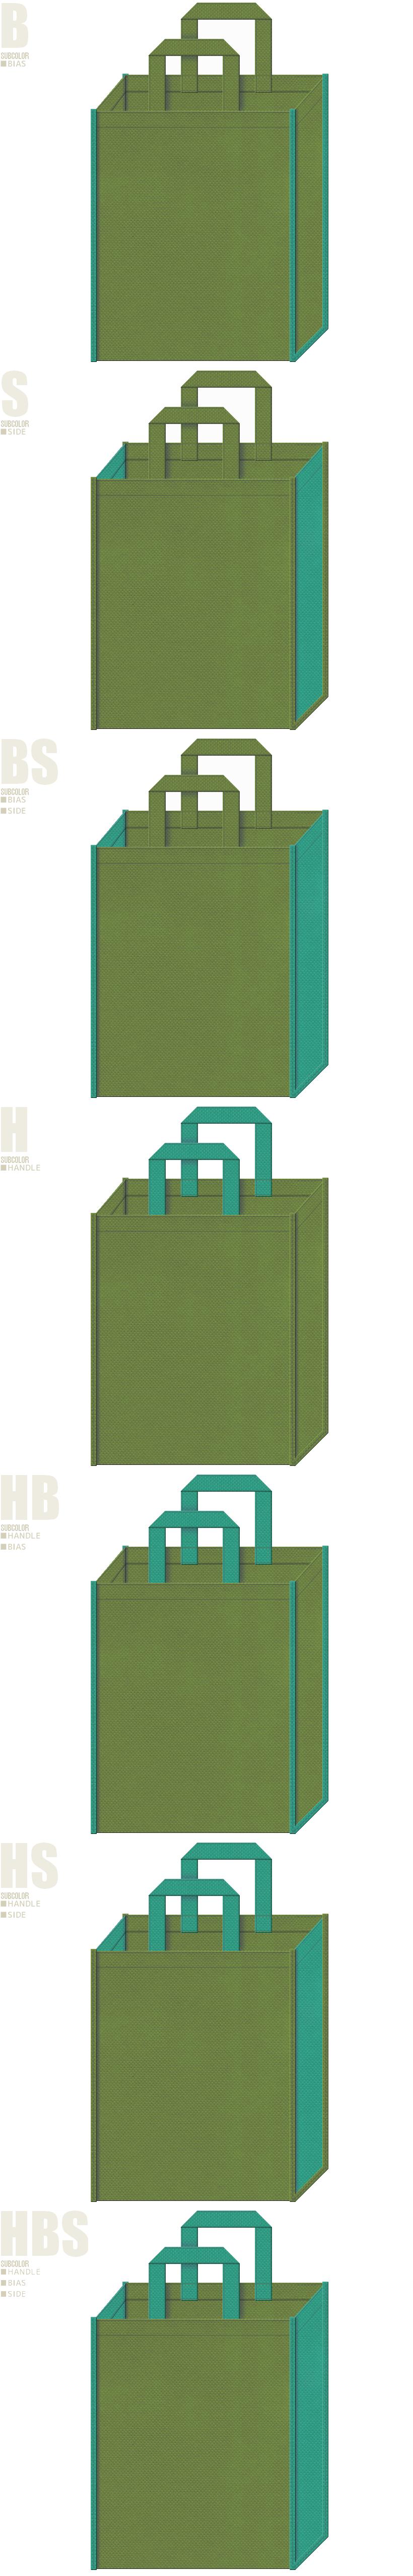 昆布茶・青汁・緑藻類・健康食品・日本茶・植木・造園・エクステリア・ガーデニング・園芸用品の展示会用バッグにお奨めの不織布バッグデザイン:草色と青緑色の配色7パターン